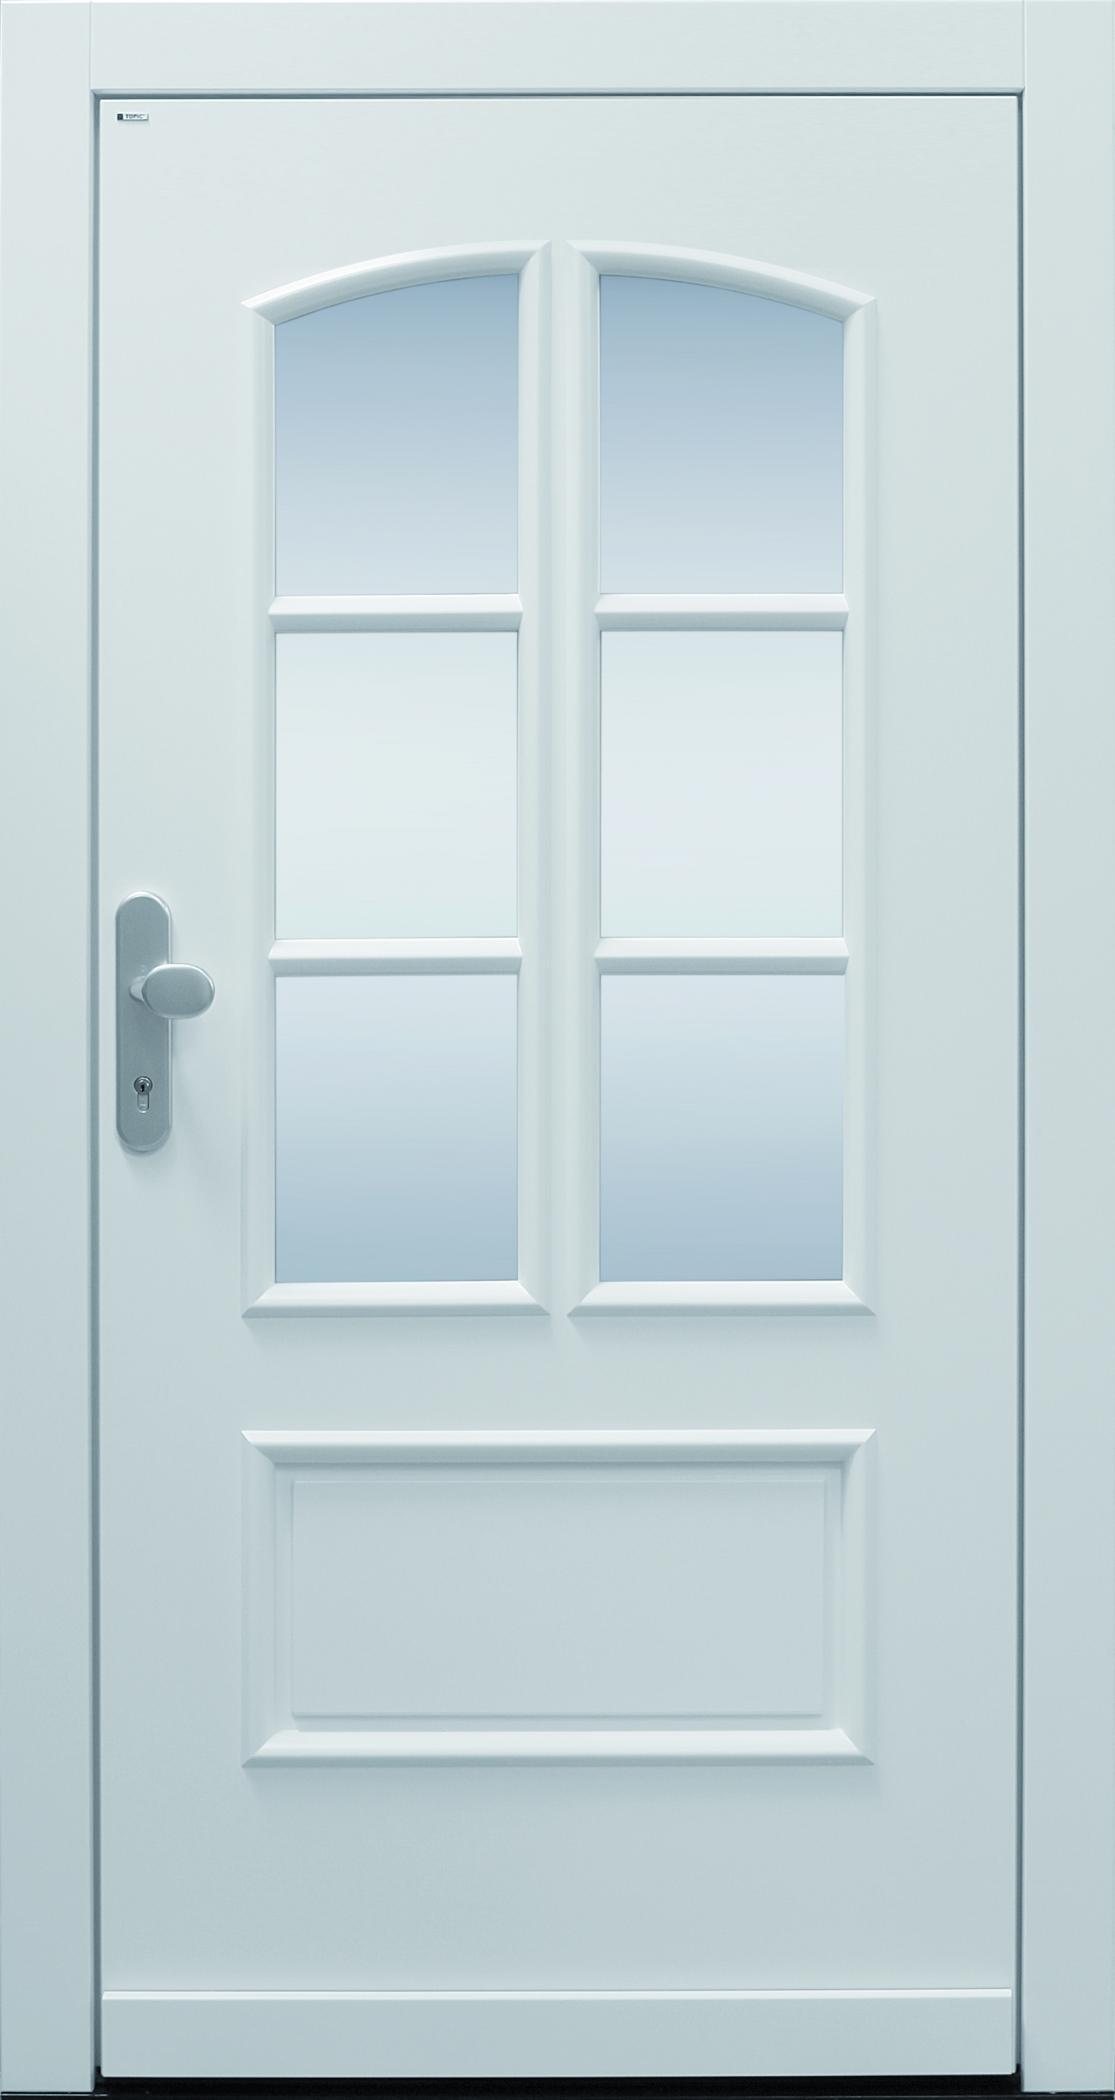 Haustür klassisch Landhaus weiß A752-T1 Classic | TOPIC ...